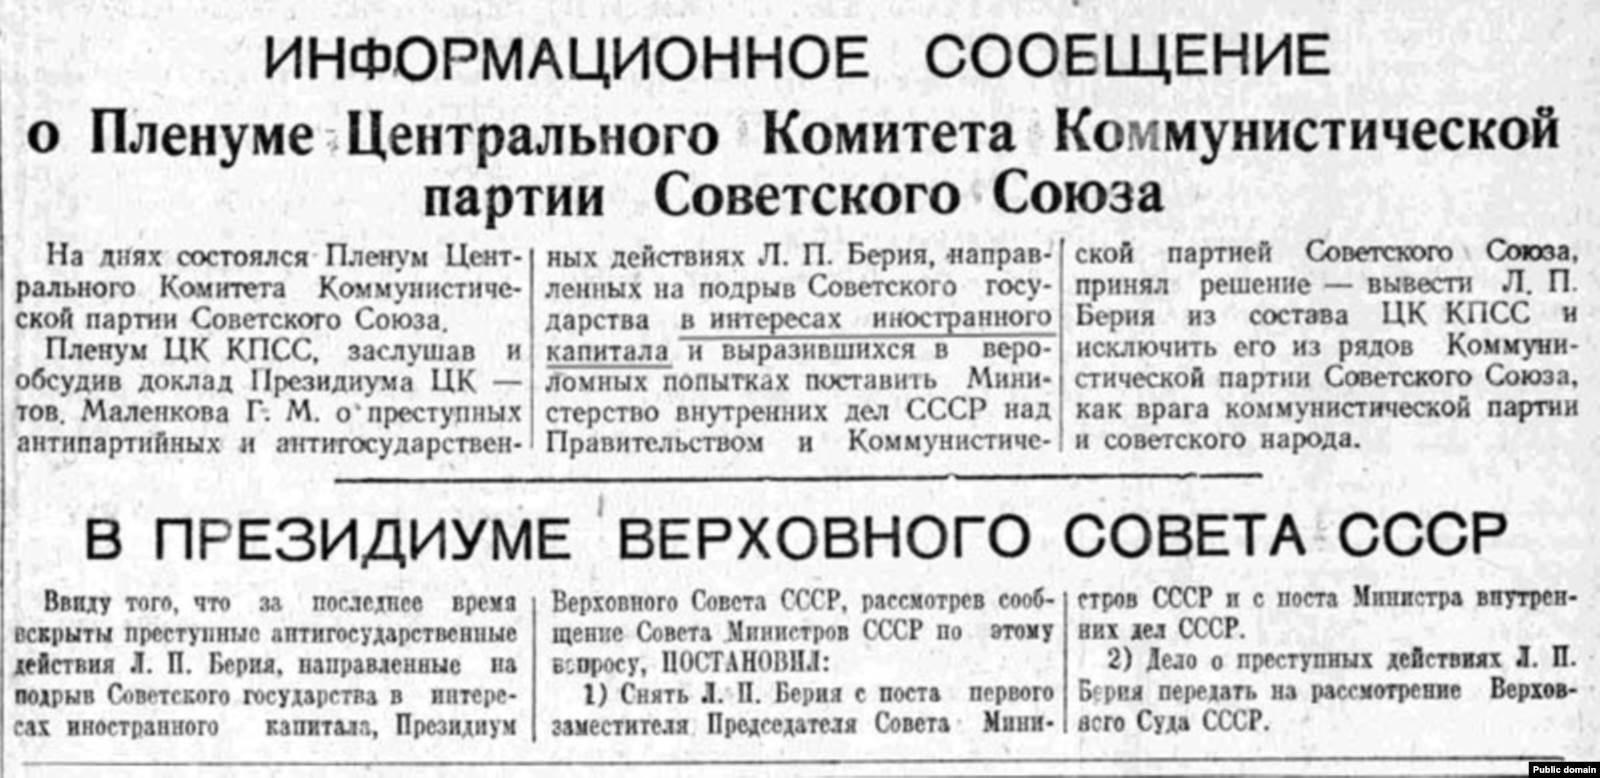 Сообщение газеты «Правда» о разоблачении Лаврентия Берии